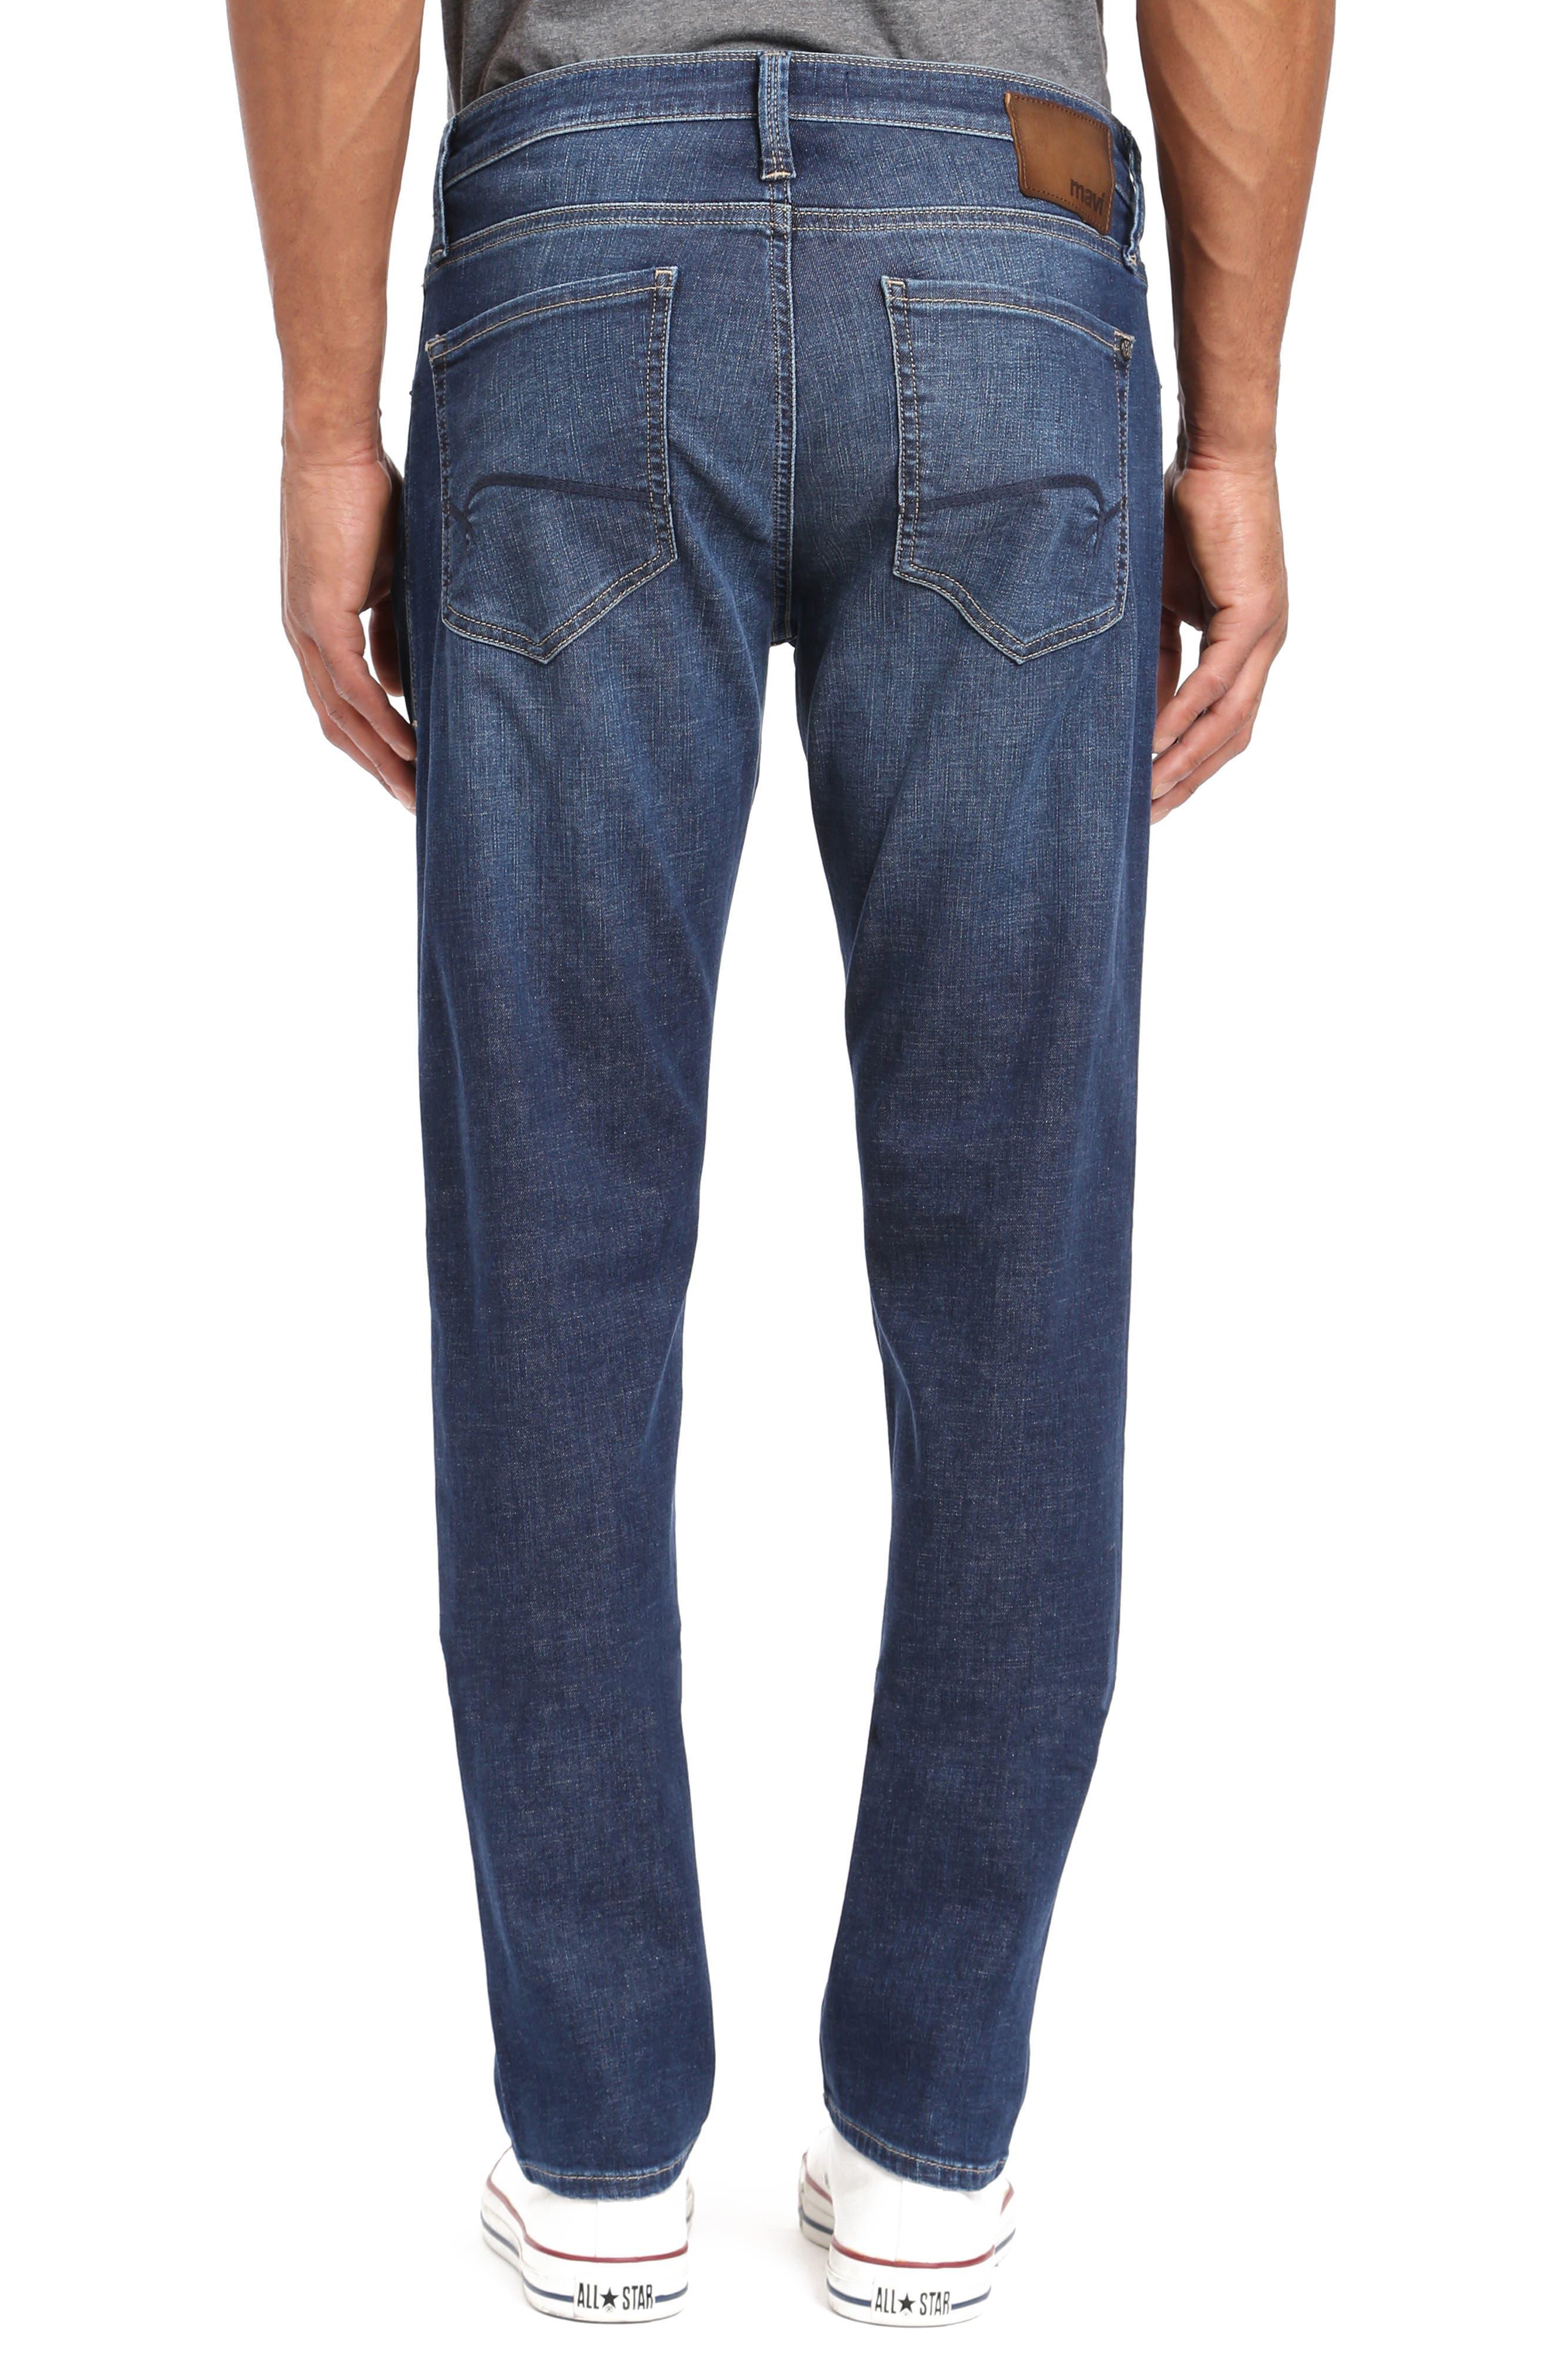 Jake Slim Fit Jeans,                             Alternate thumbnail 2, color,                             DARK BRUSHED CASHMERE